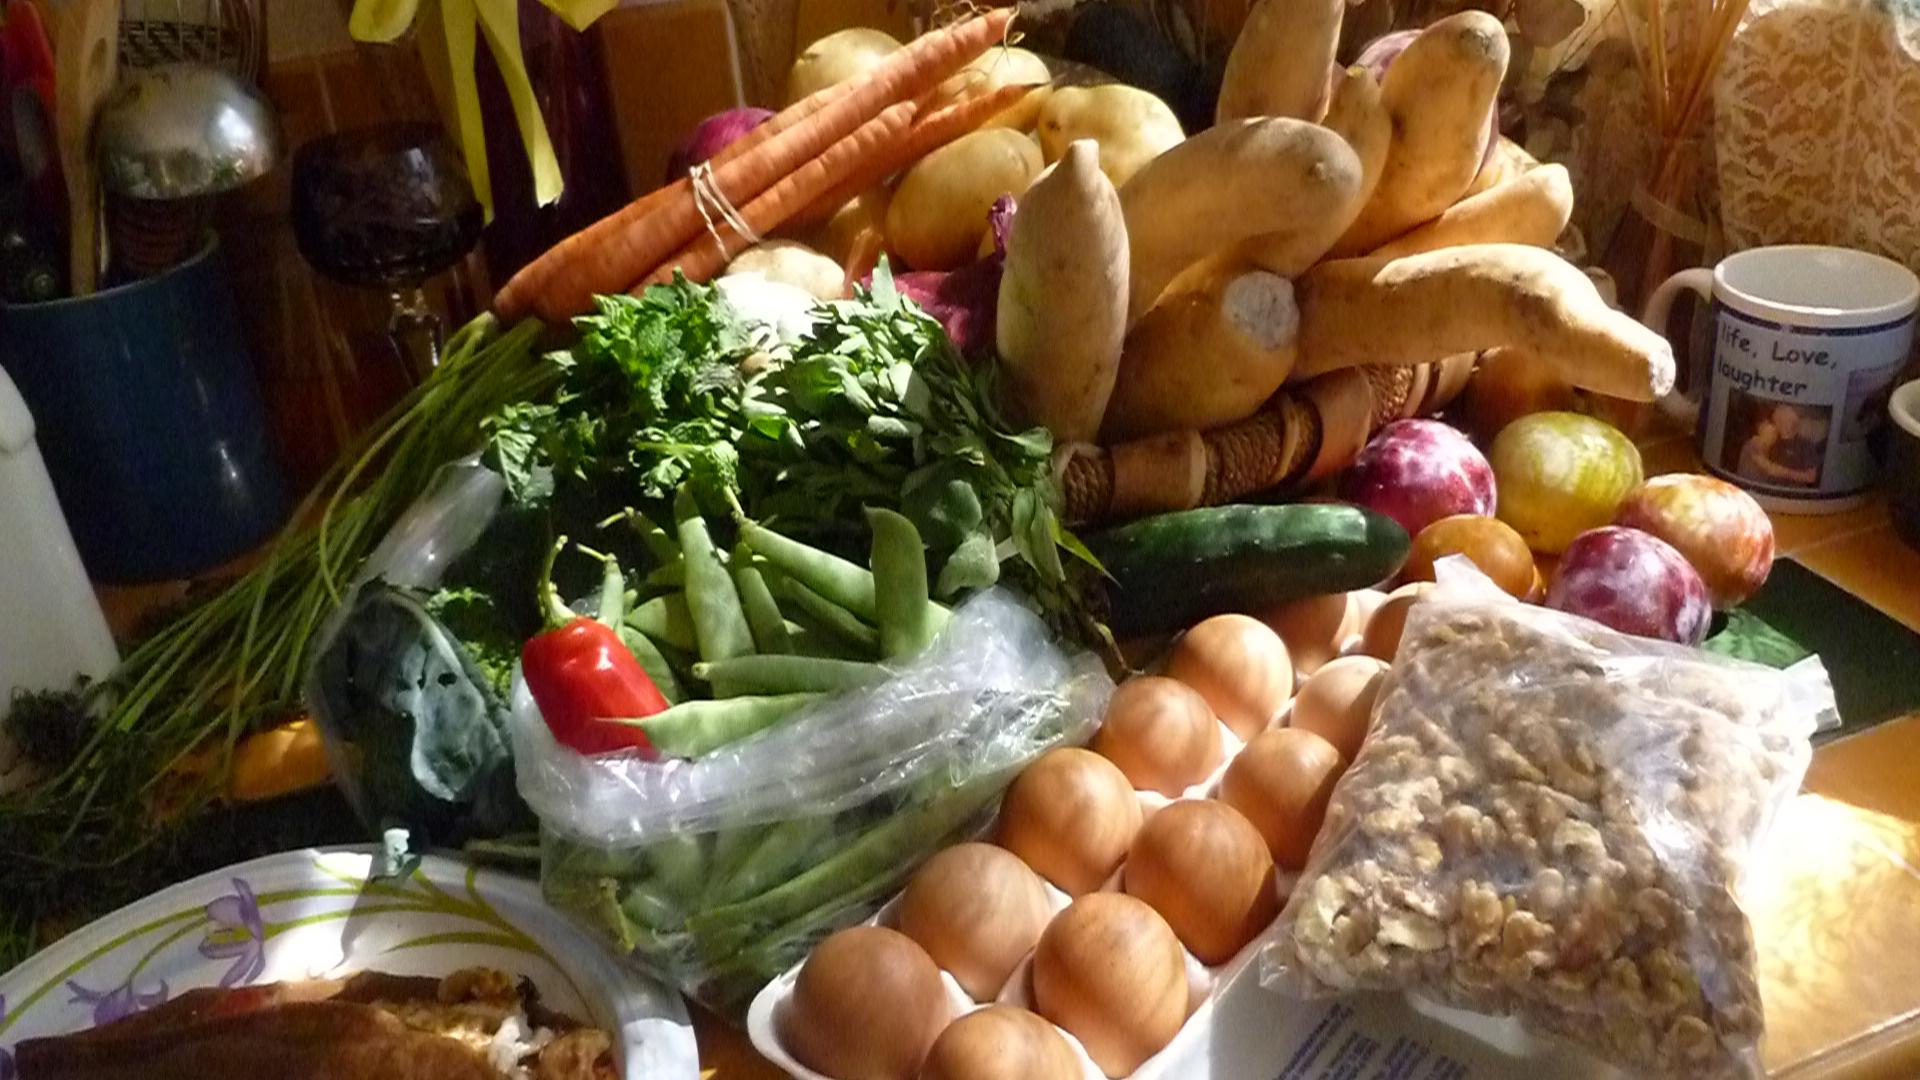 Encinitas Farmers Mkt Oct 9, 2011